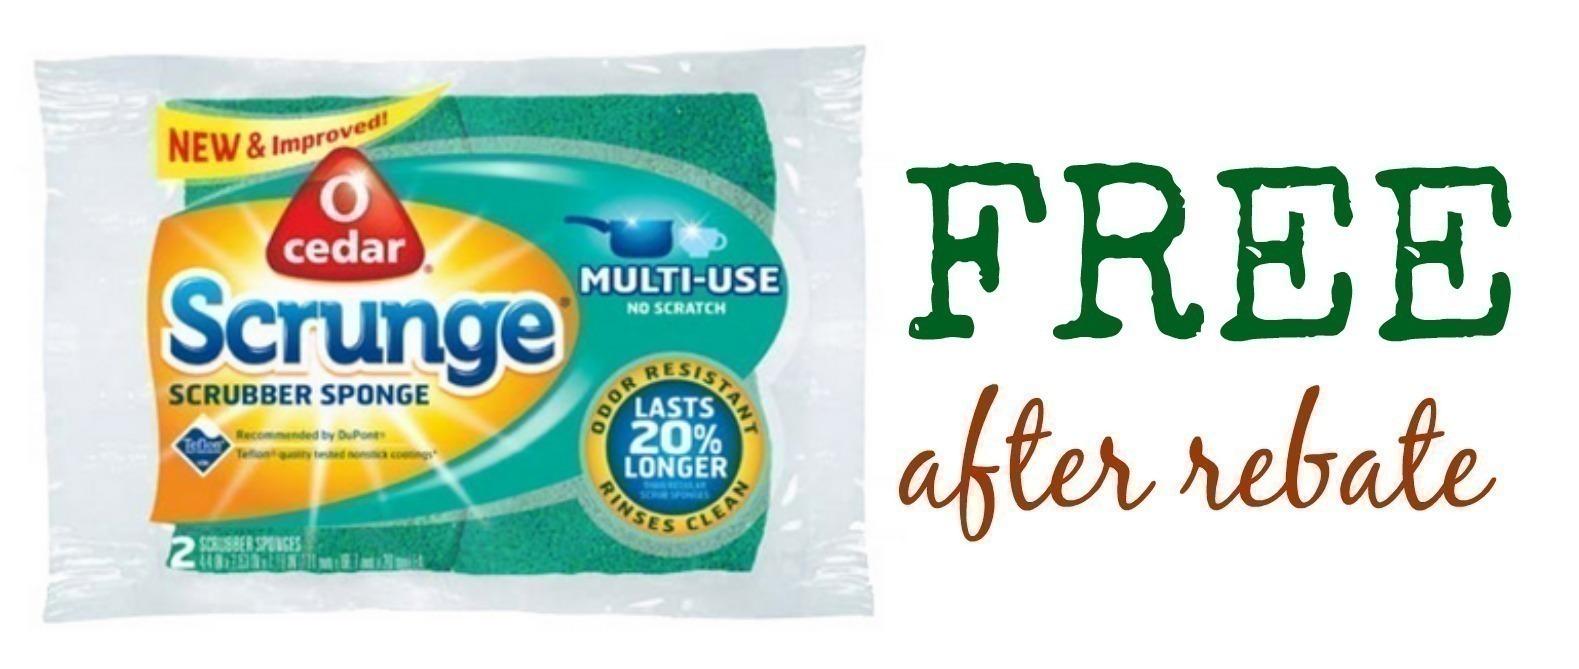 FREE O Cedar Scrunge Scrubber Sponge {After Rebate}